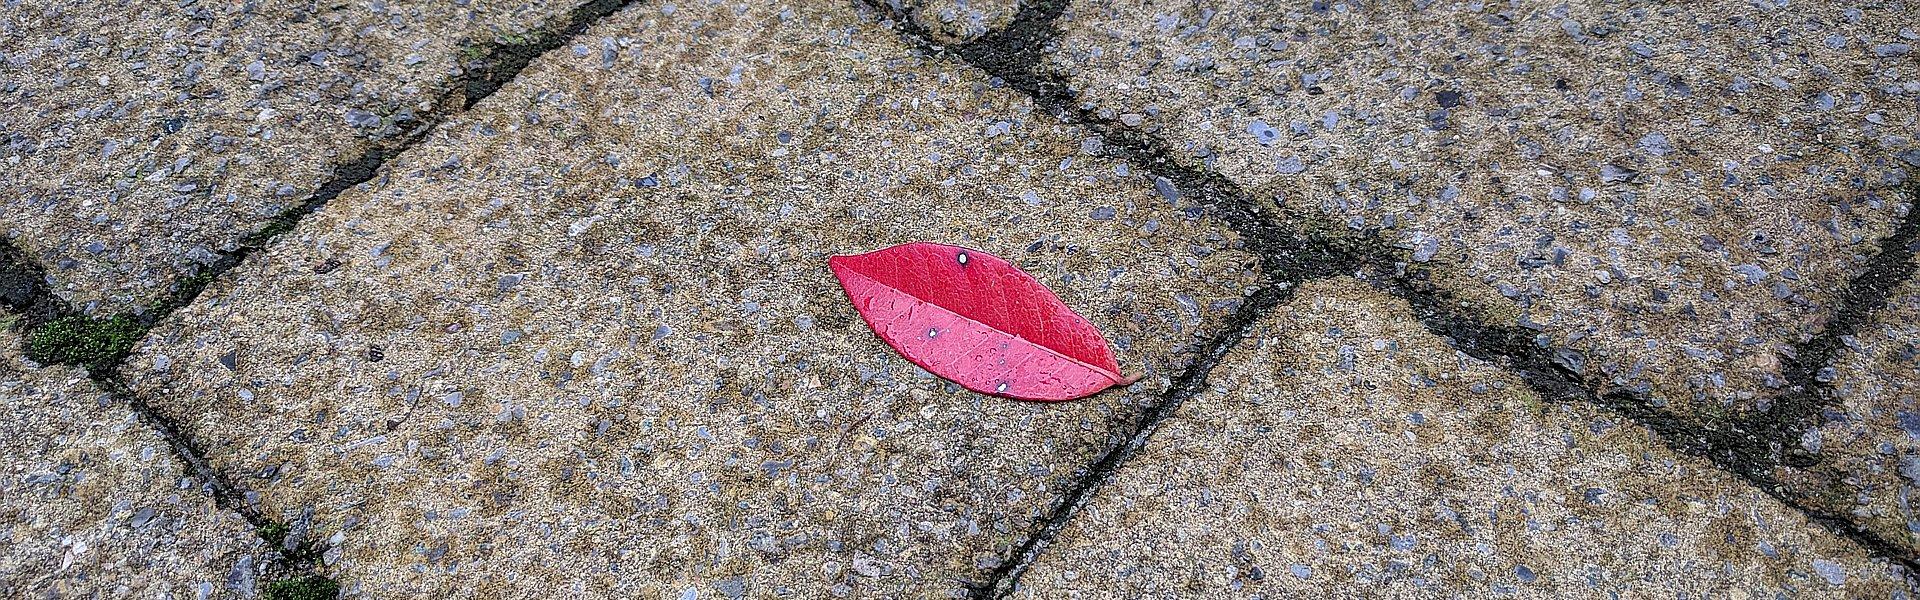 Een rood blad op de stoep dat lijkt op rode lippen op beton